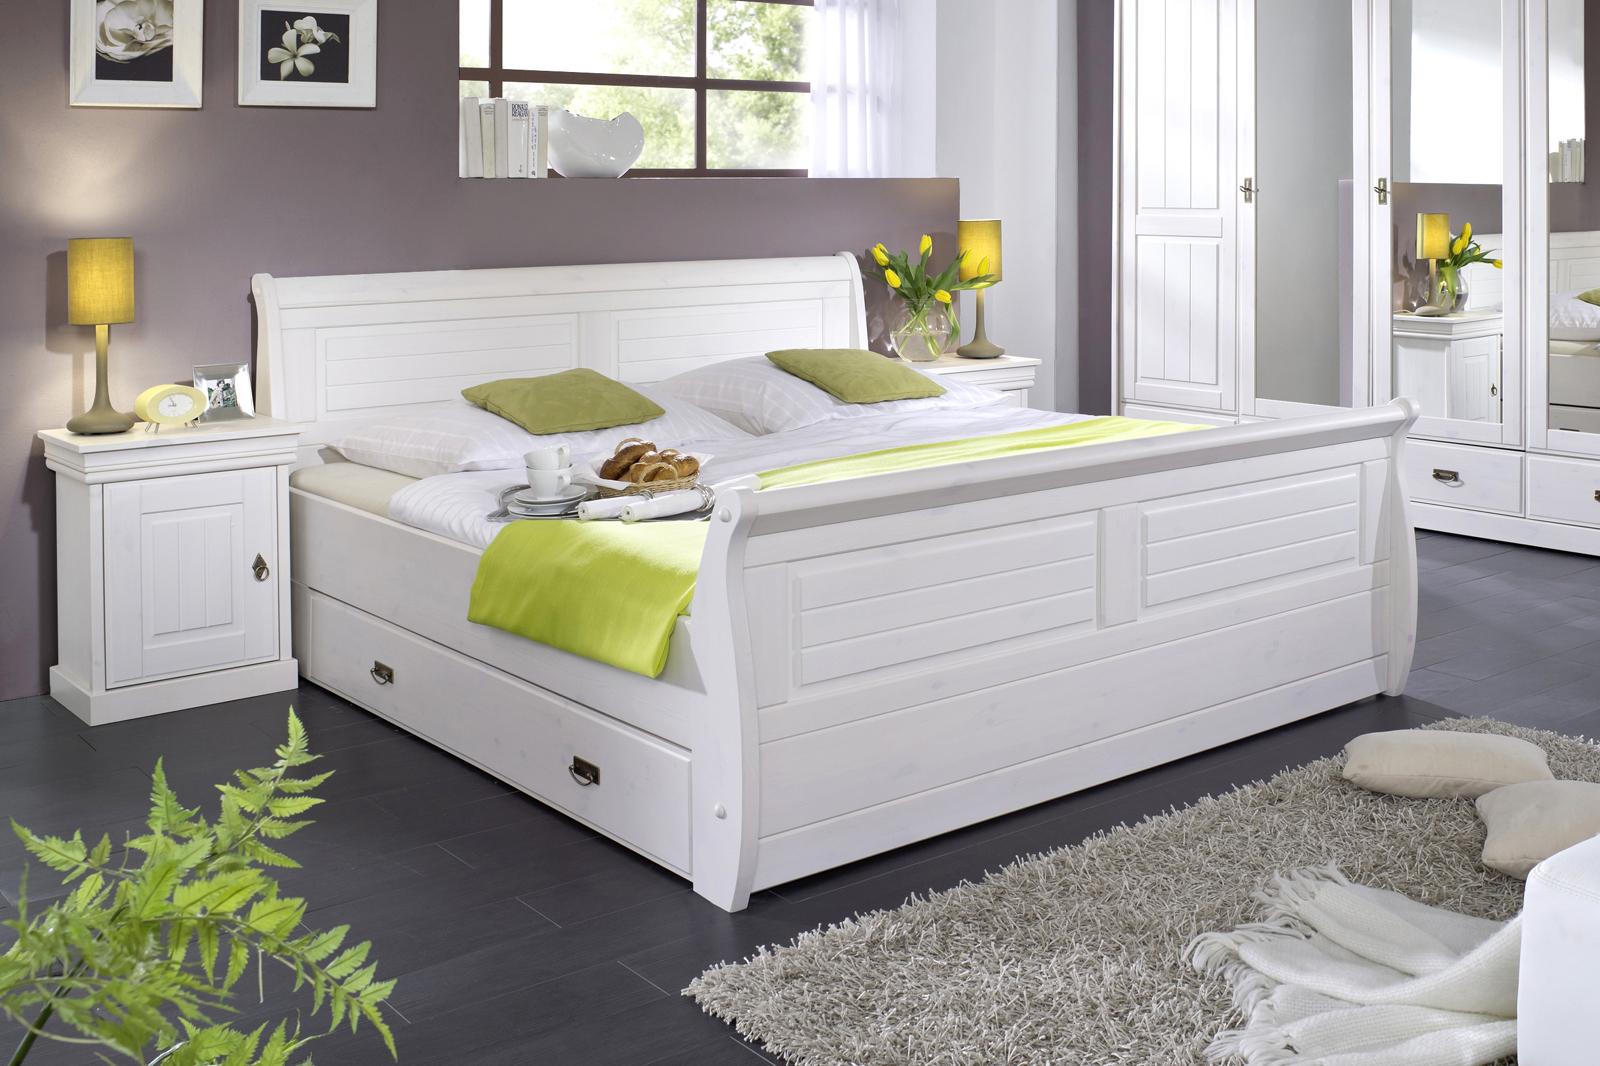 sam kiefernbett mit bettkasten wei 180 x 200 cm rom. Black Bedroom Furniture Sets. Home Design Ideas